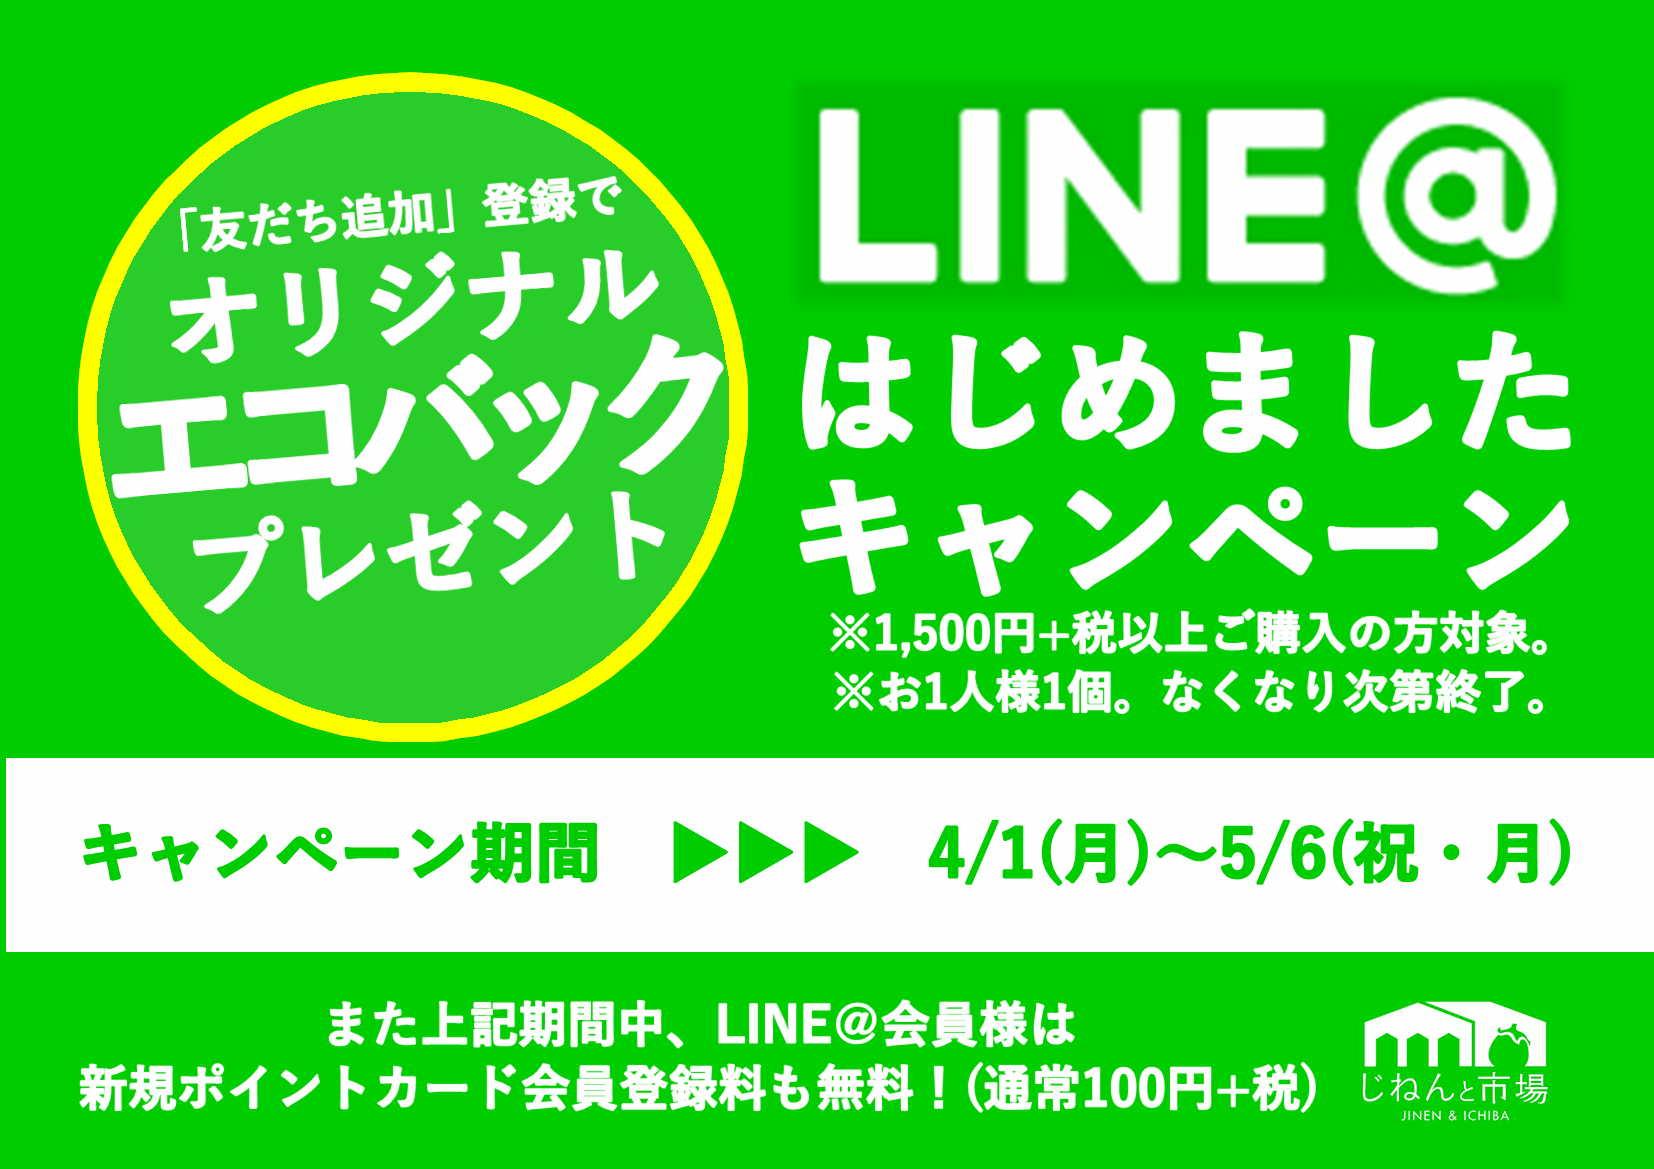 ~LINE@はじめましたキャンペーン~4/1(月)~5/6(水・祝)